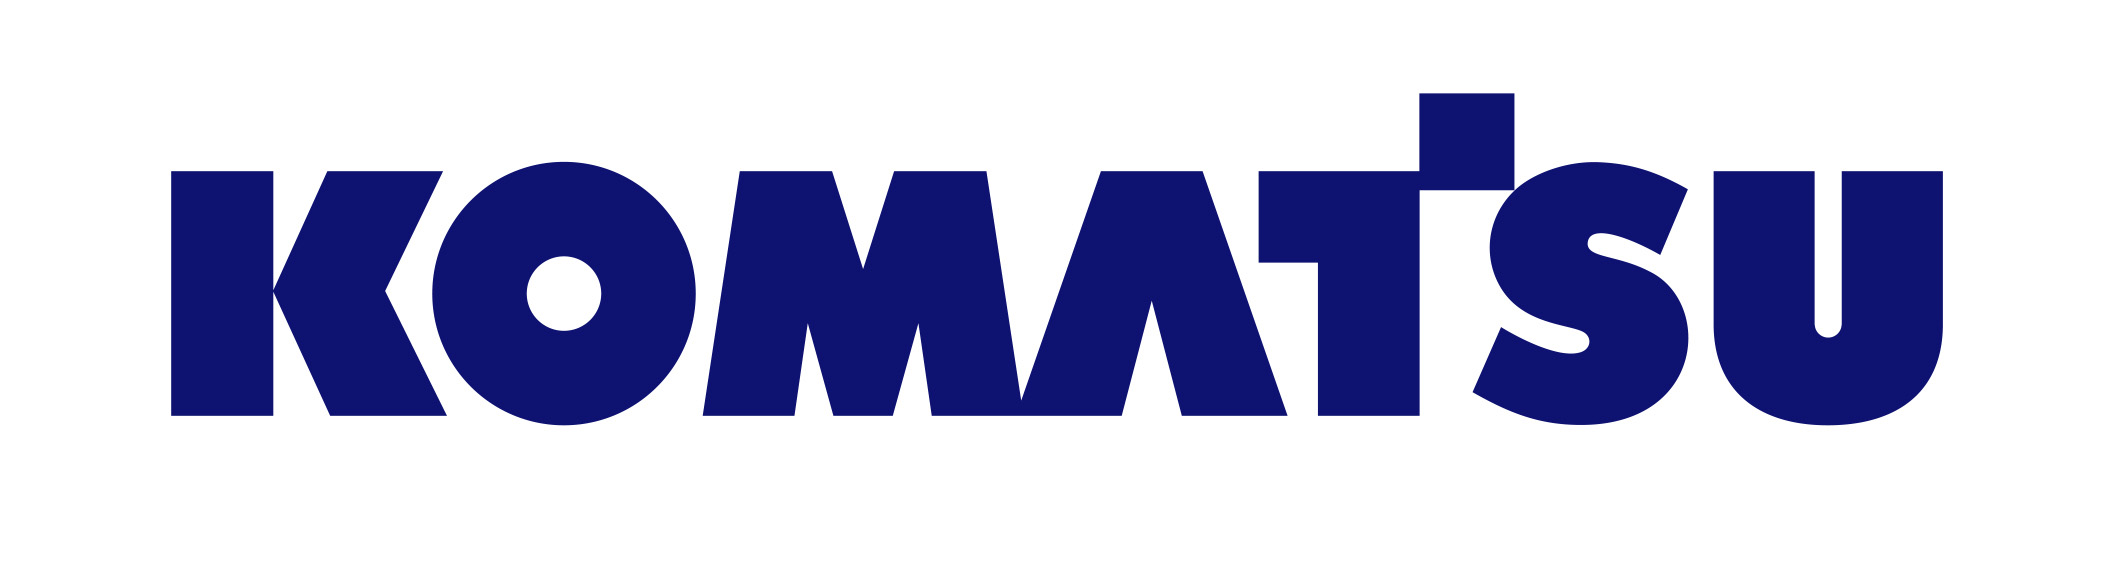 logo logo 标志 设计 矢量 矢量图 素材 图标 2115_563